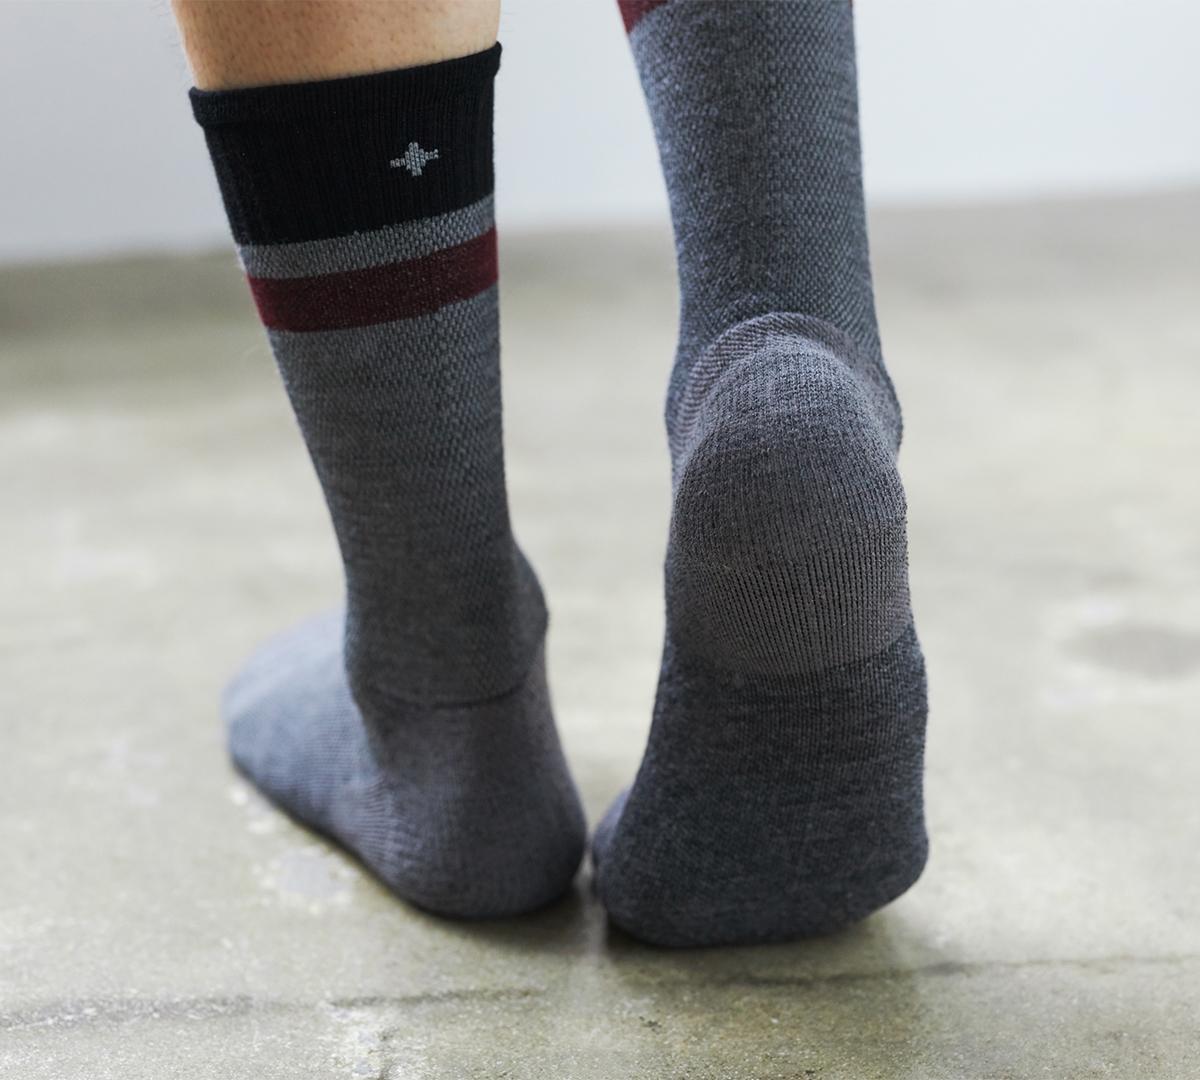 4段階着圧で、血流をサポート。夏は涼しく冬は暖かいメリノウールを使用した、血液やリンパの流れをサポートする着圧ソックス(健康ソックス・靴下)|Sockwell(ソックウェル)